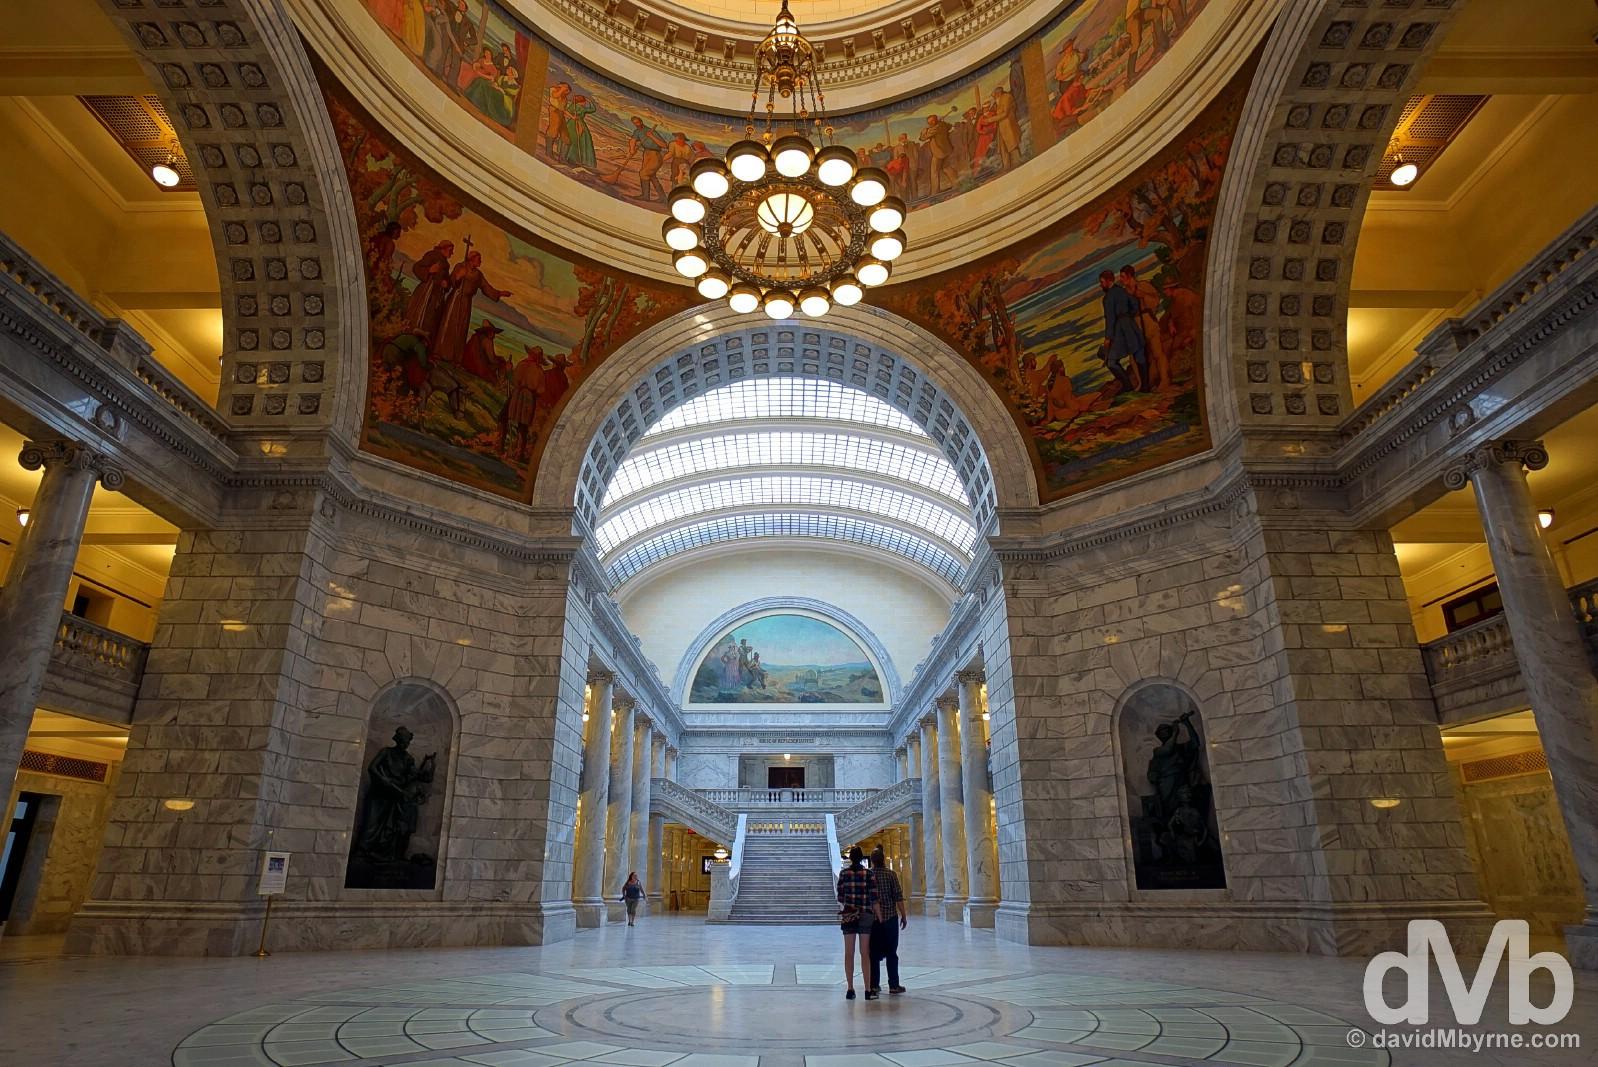 The dome of the Utah State Capitol Building in Salt Lake City, Utah. September 6, 2016.